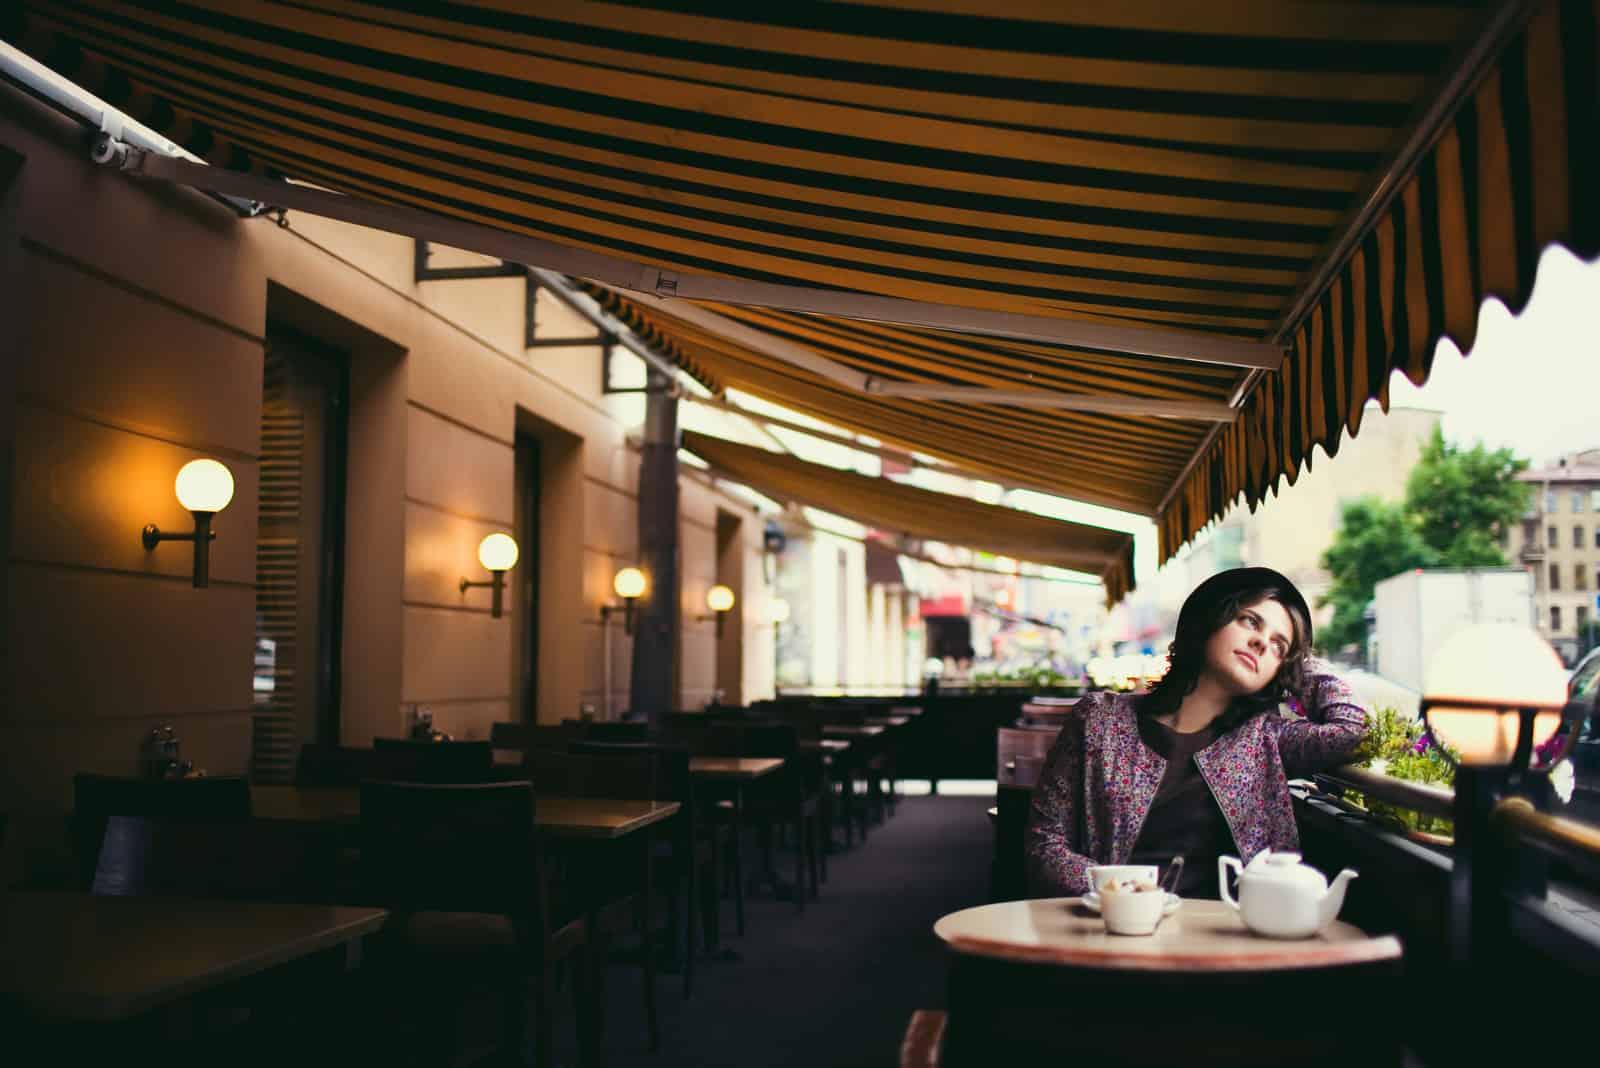 une femme imaginaire avec un chapeau sur la tête est assise à une table